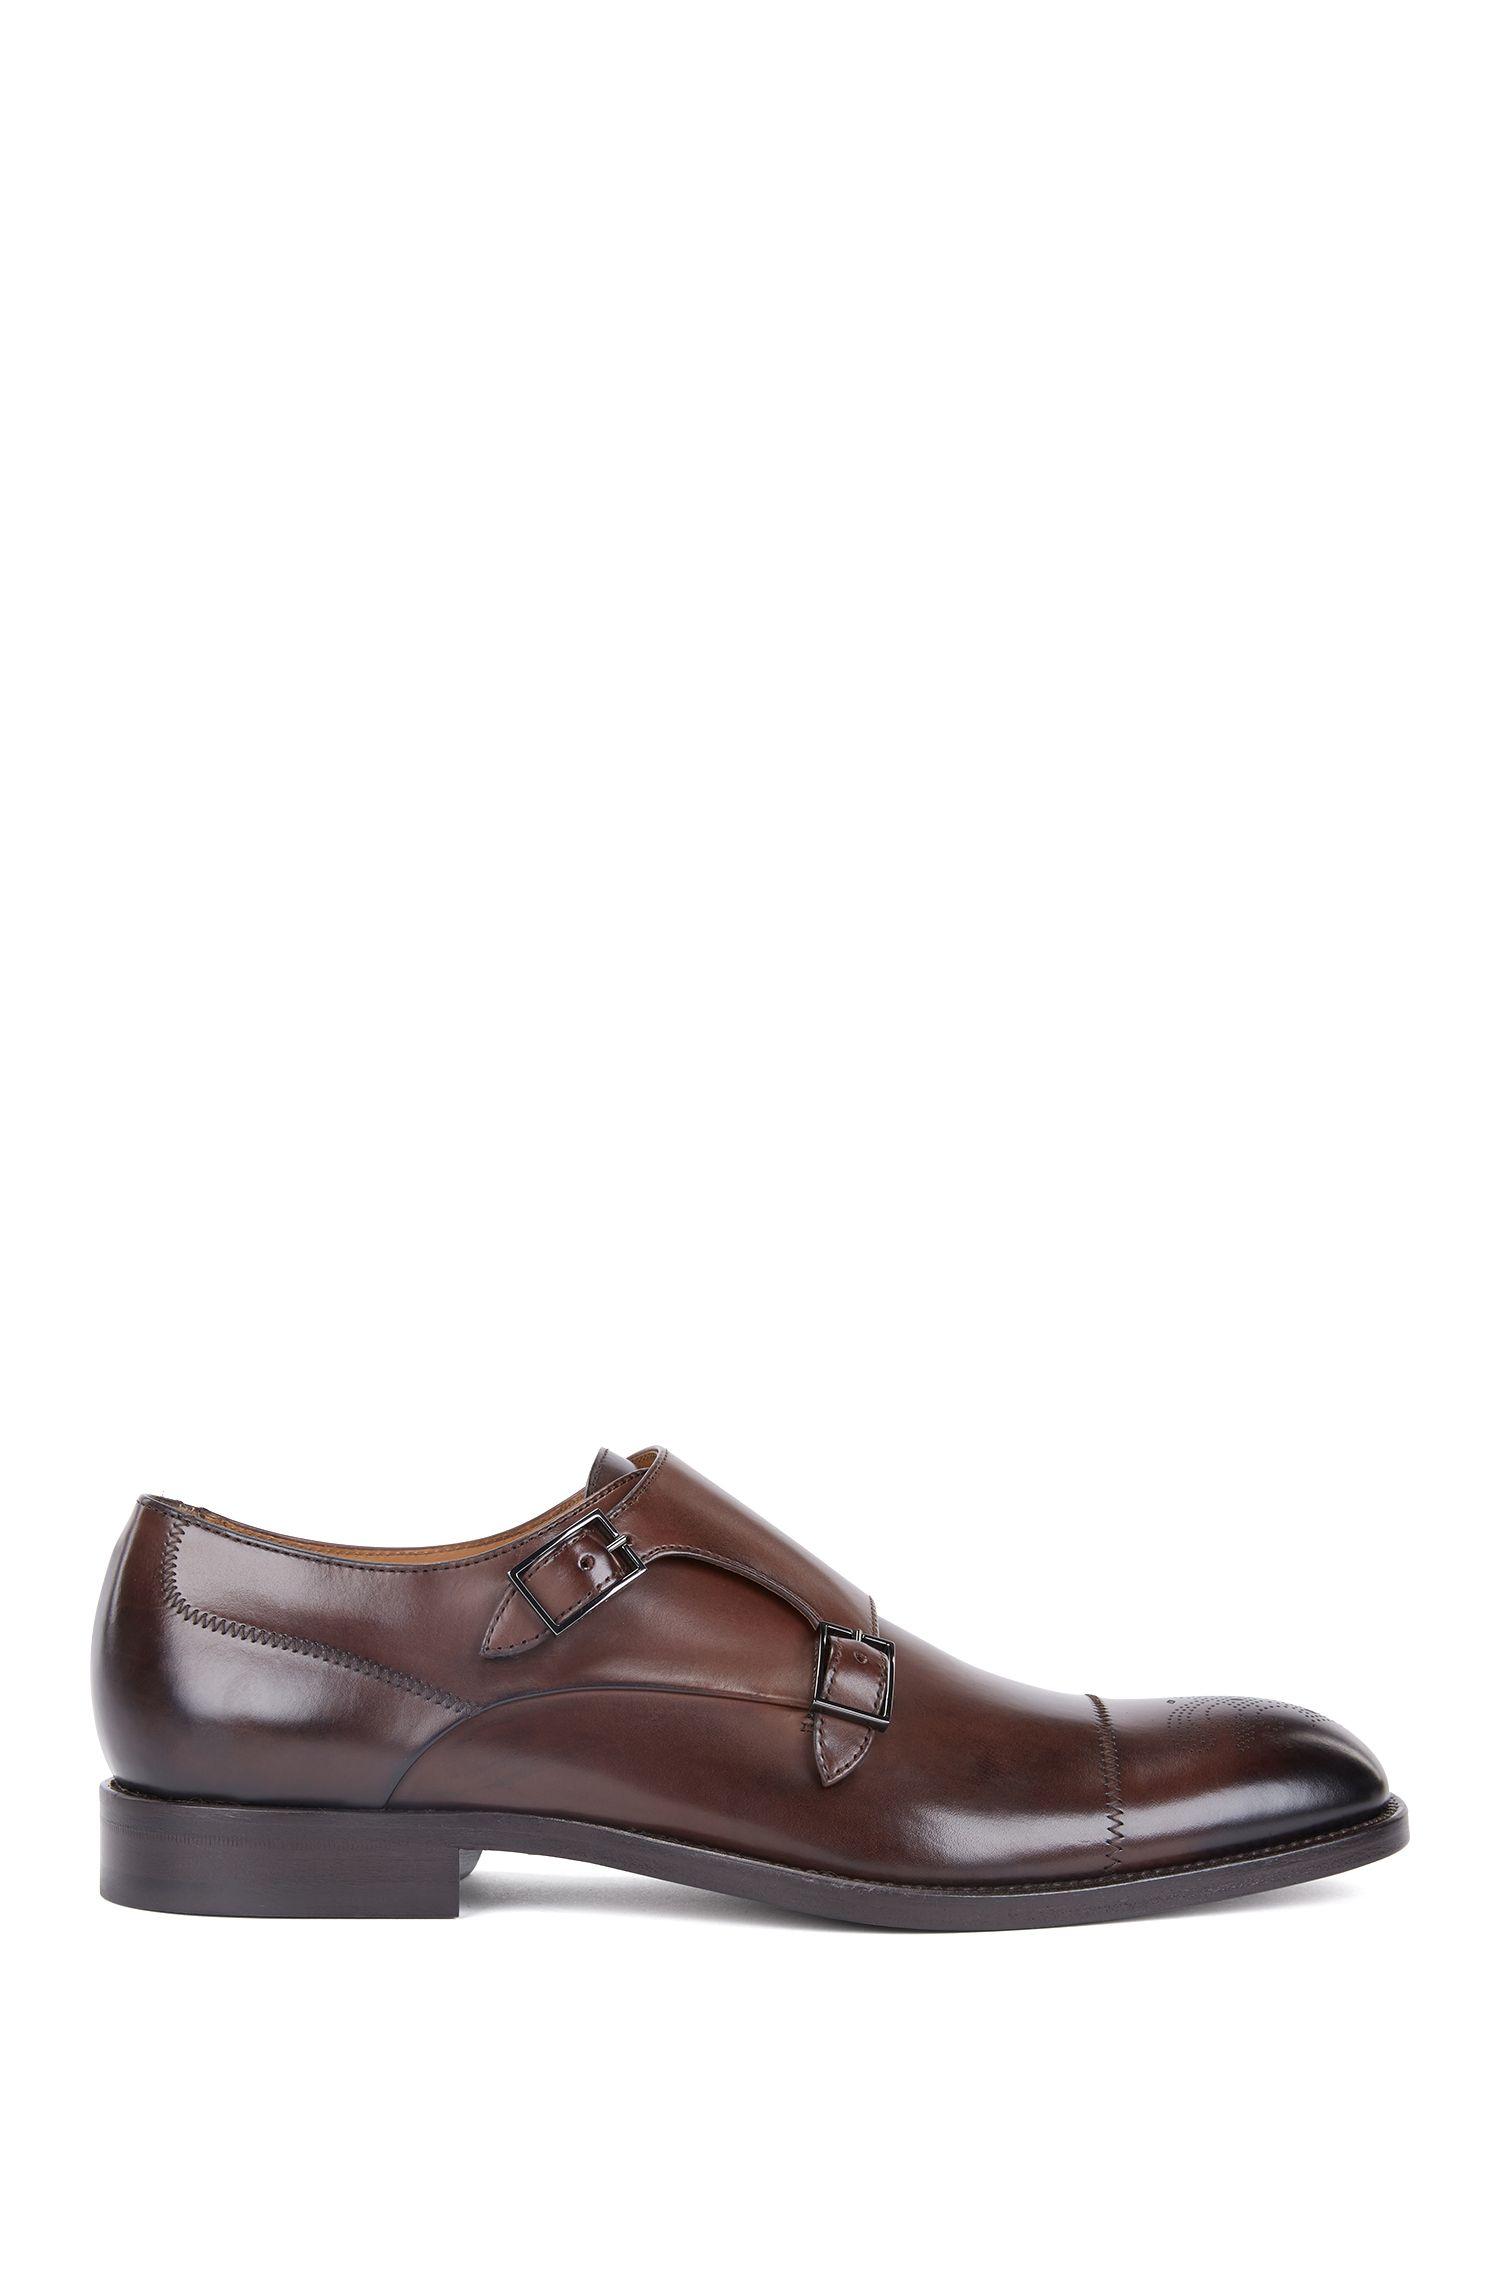 Chaussures en cuir de veau poli à double bride, Marron foncé